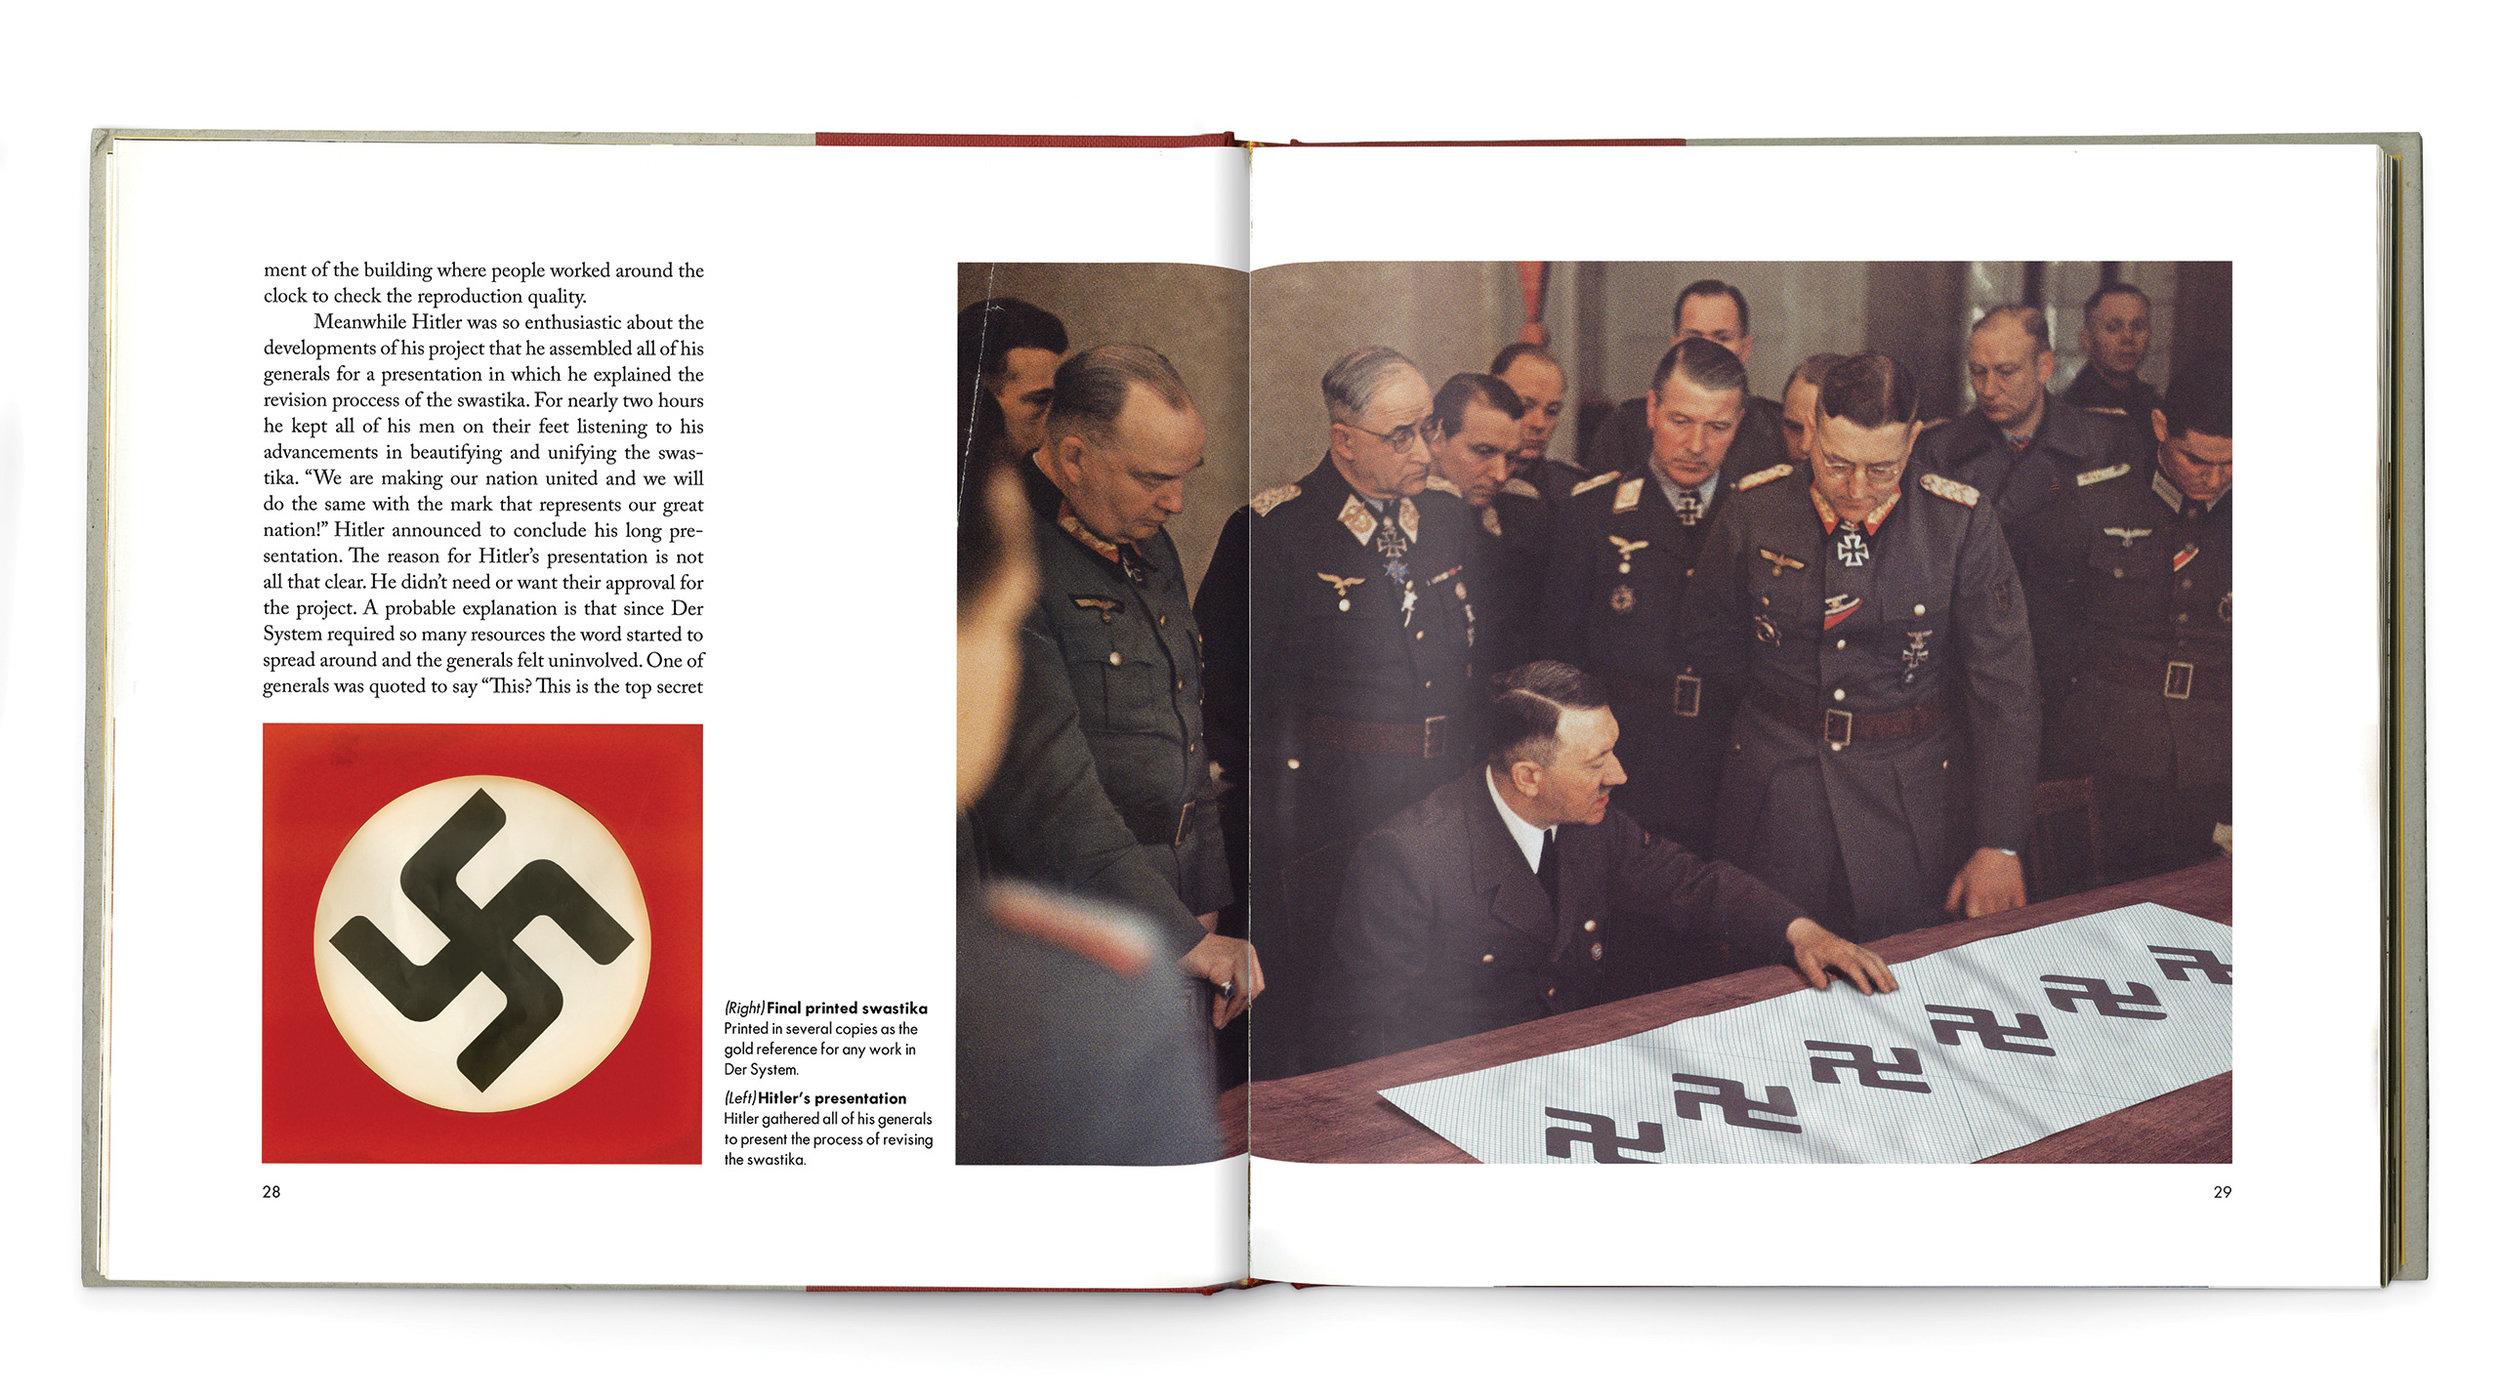 swastika5.jpg